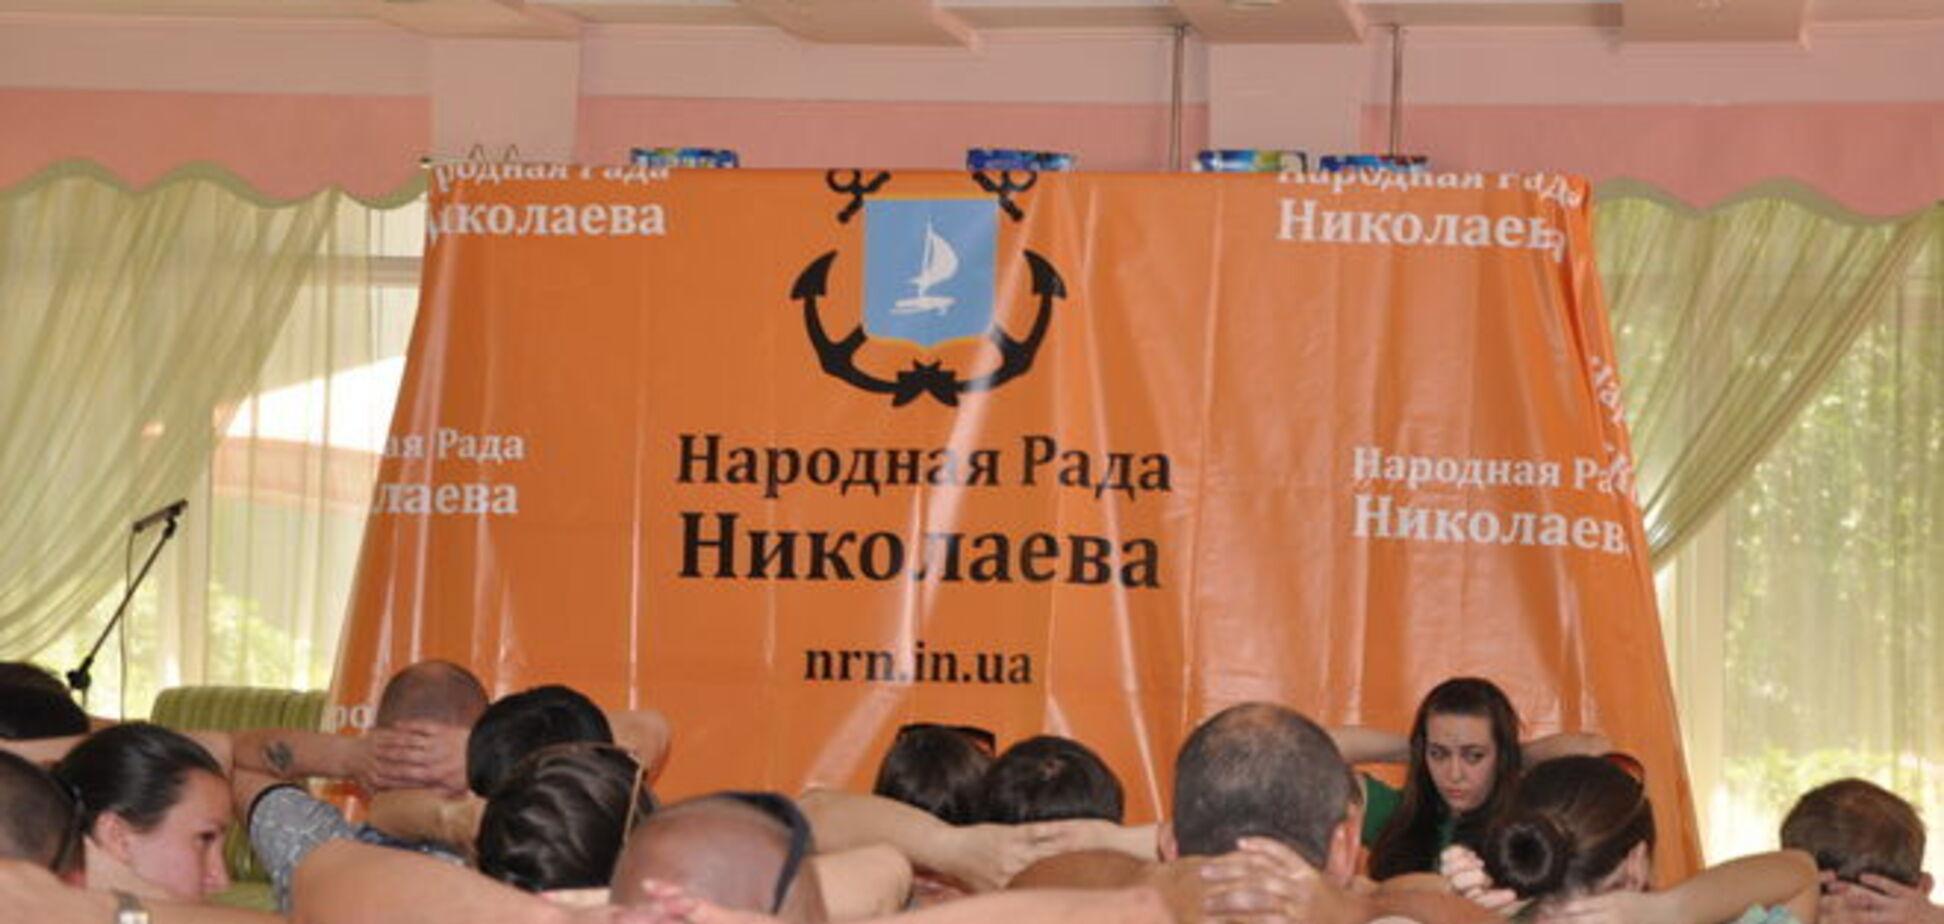 На создание 'Народной рады Николаева' людей заманили 'втемную'